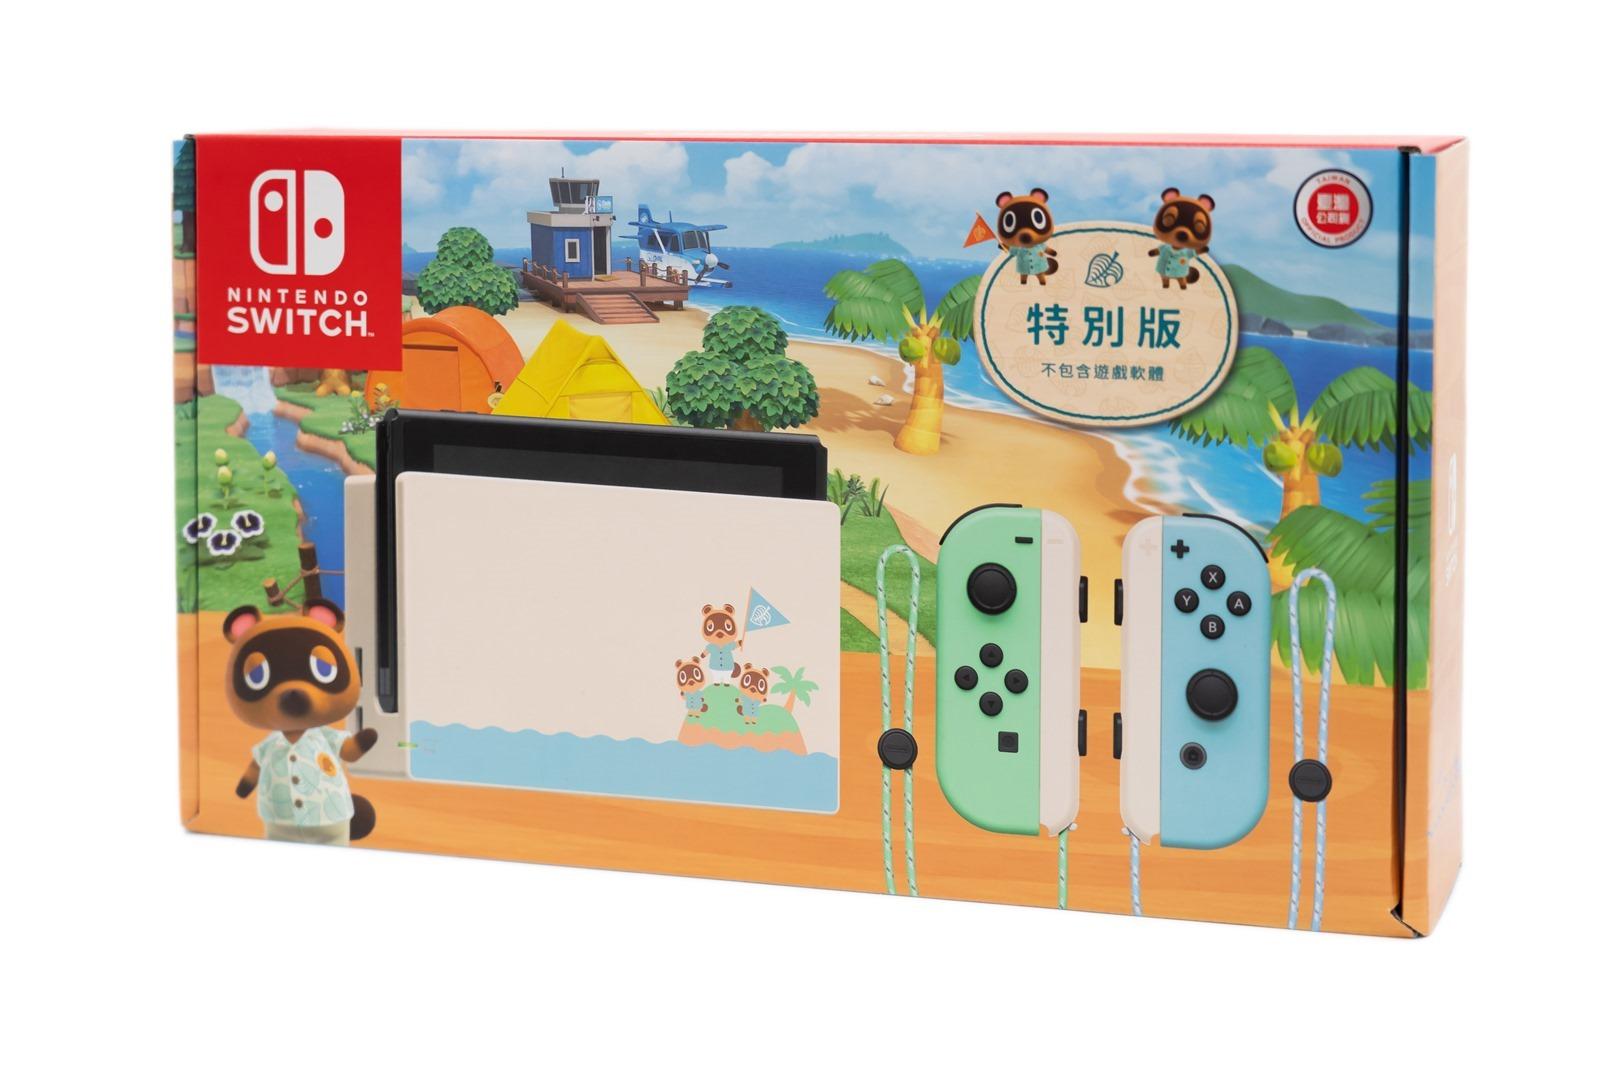 開箱啦!『集合啦!動物森友會』特仕 Nintendo Switch 主機有夠可愛!動物之森特別主機 – 3C 達人廖阿輝